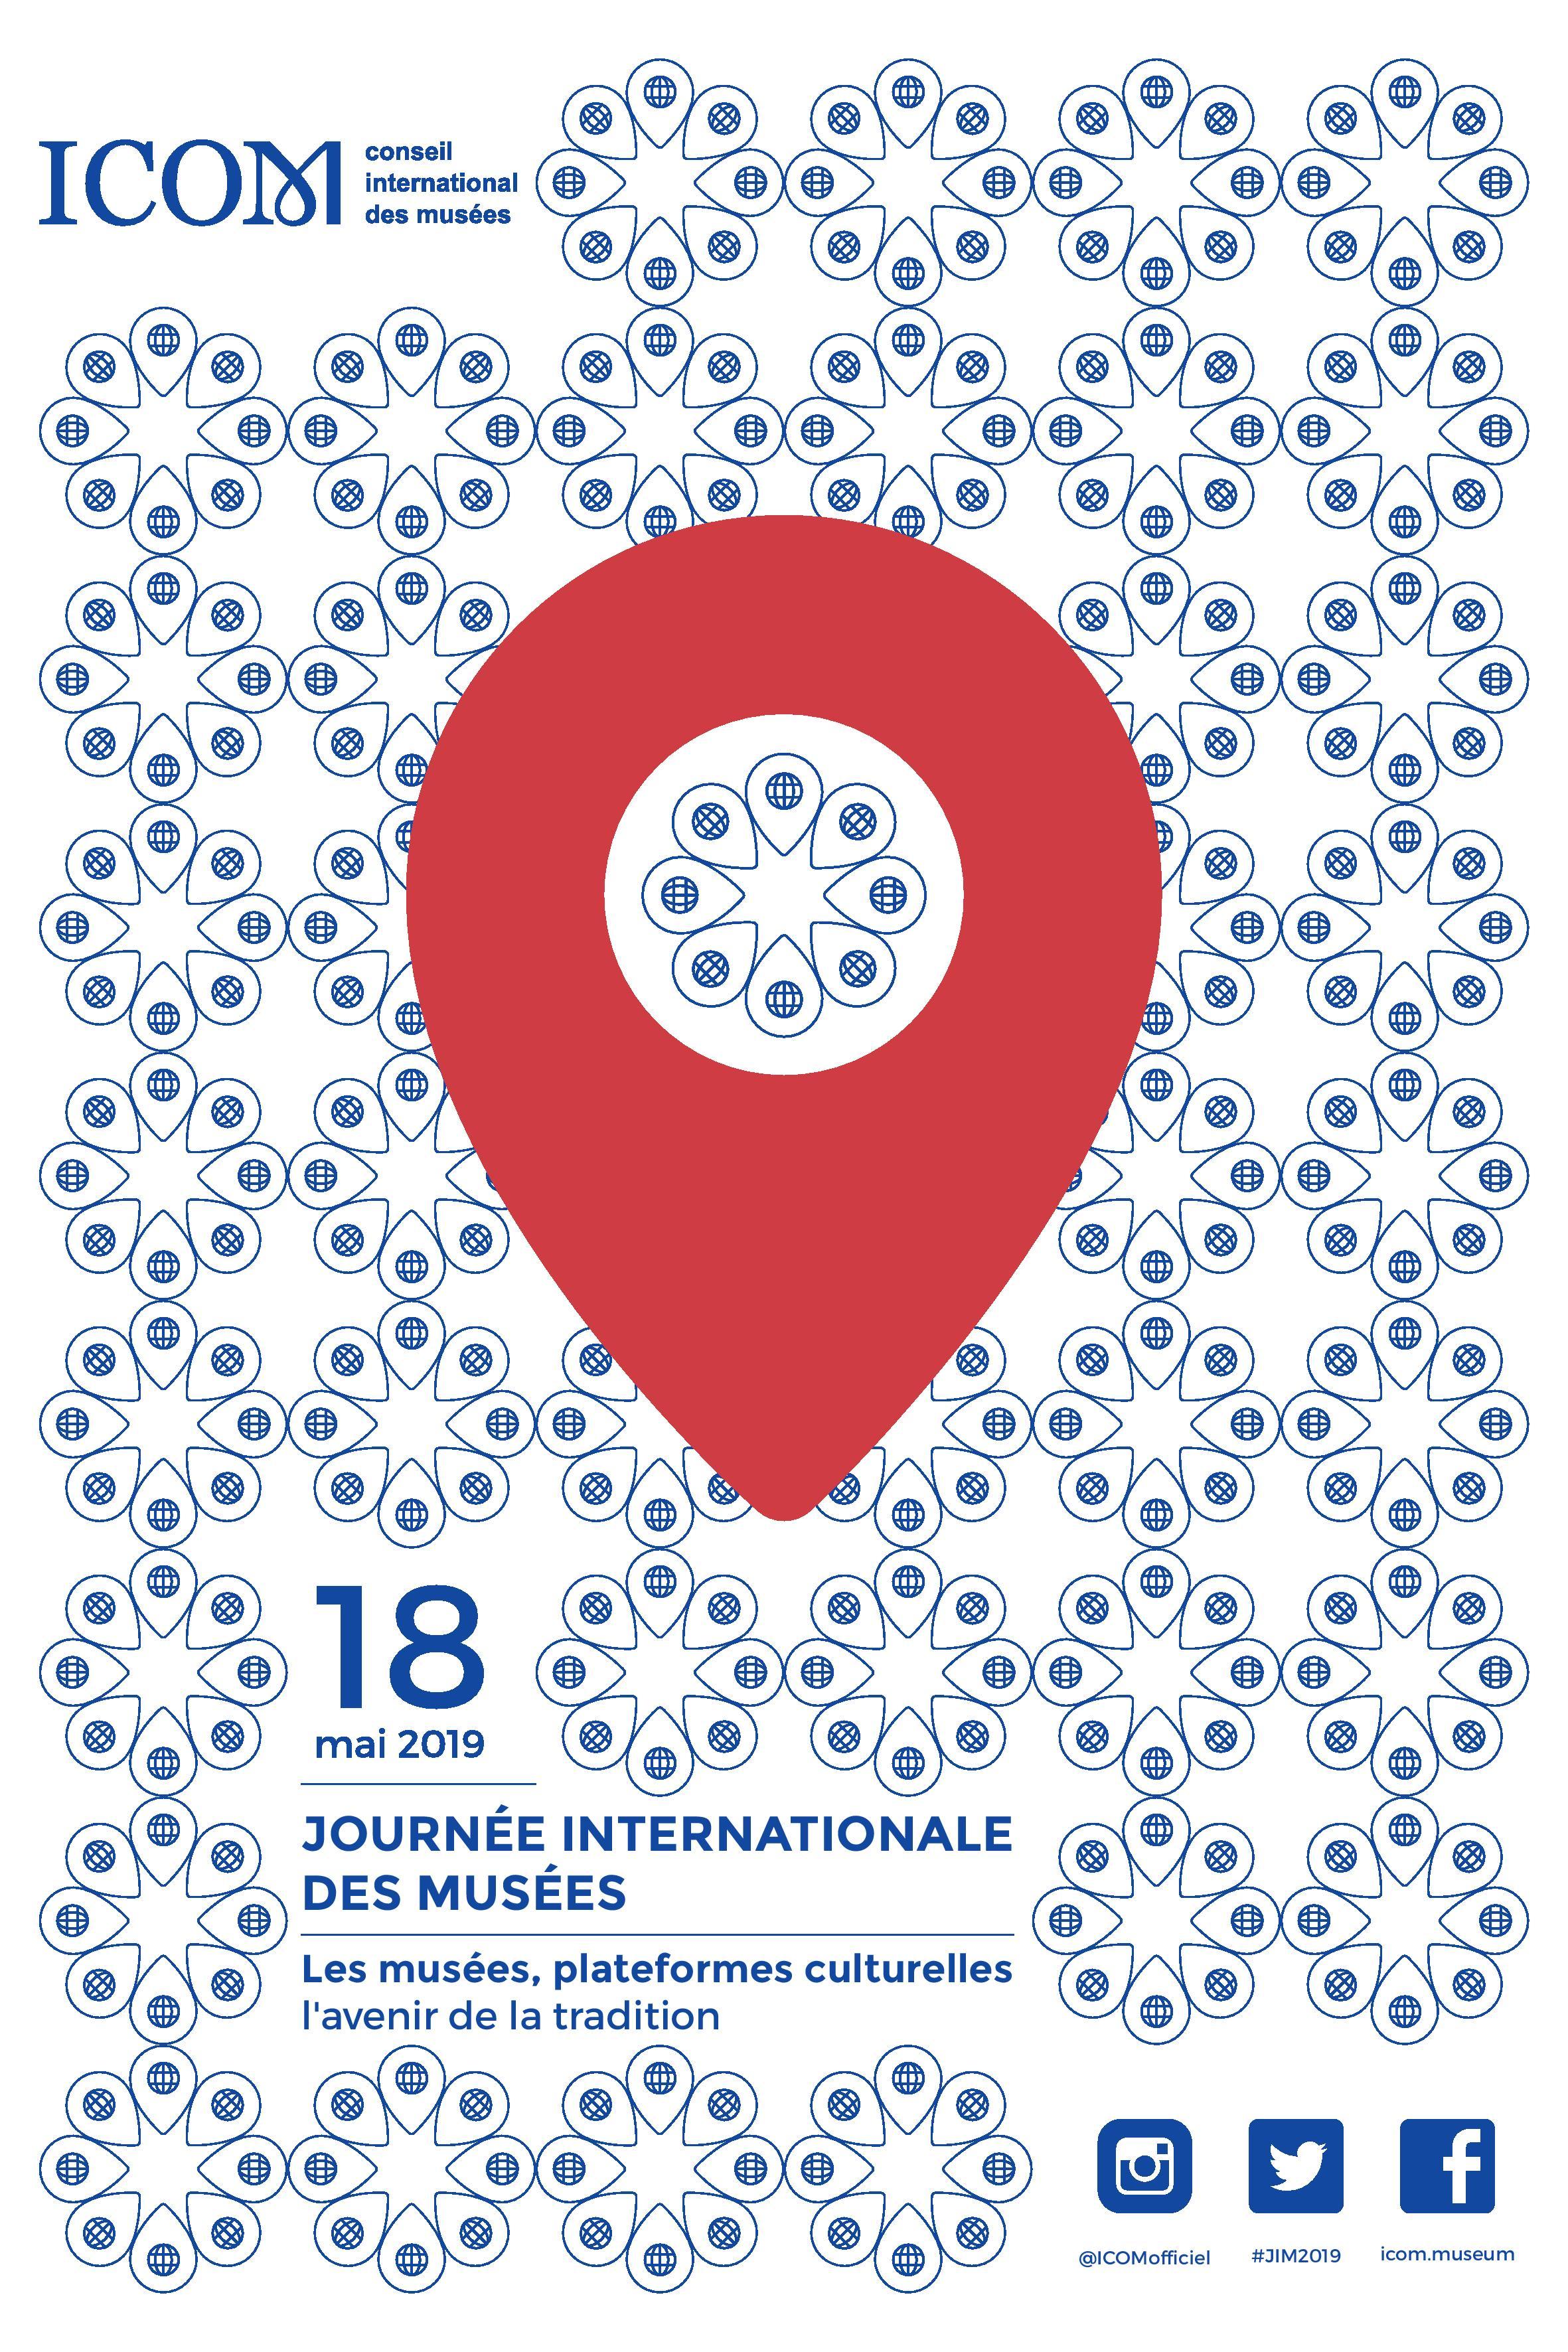 """Résultat de recherche d'images pour """"Journée internationale des musées thème 2019"""""""